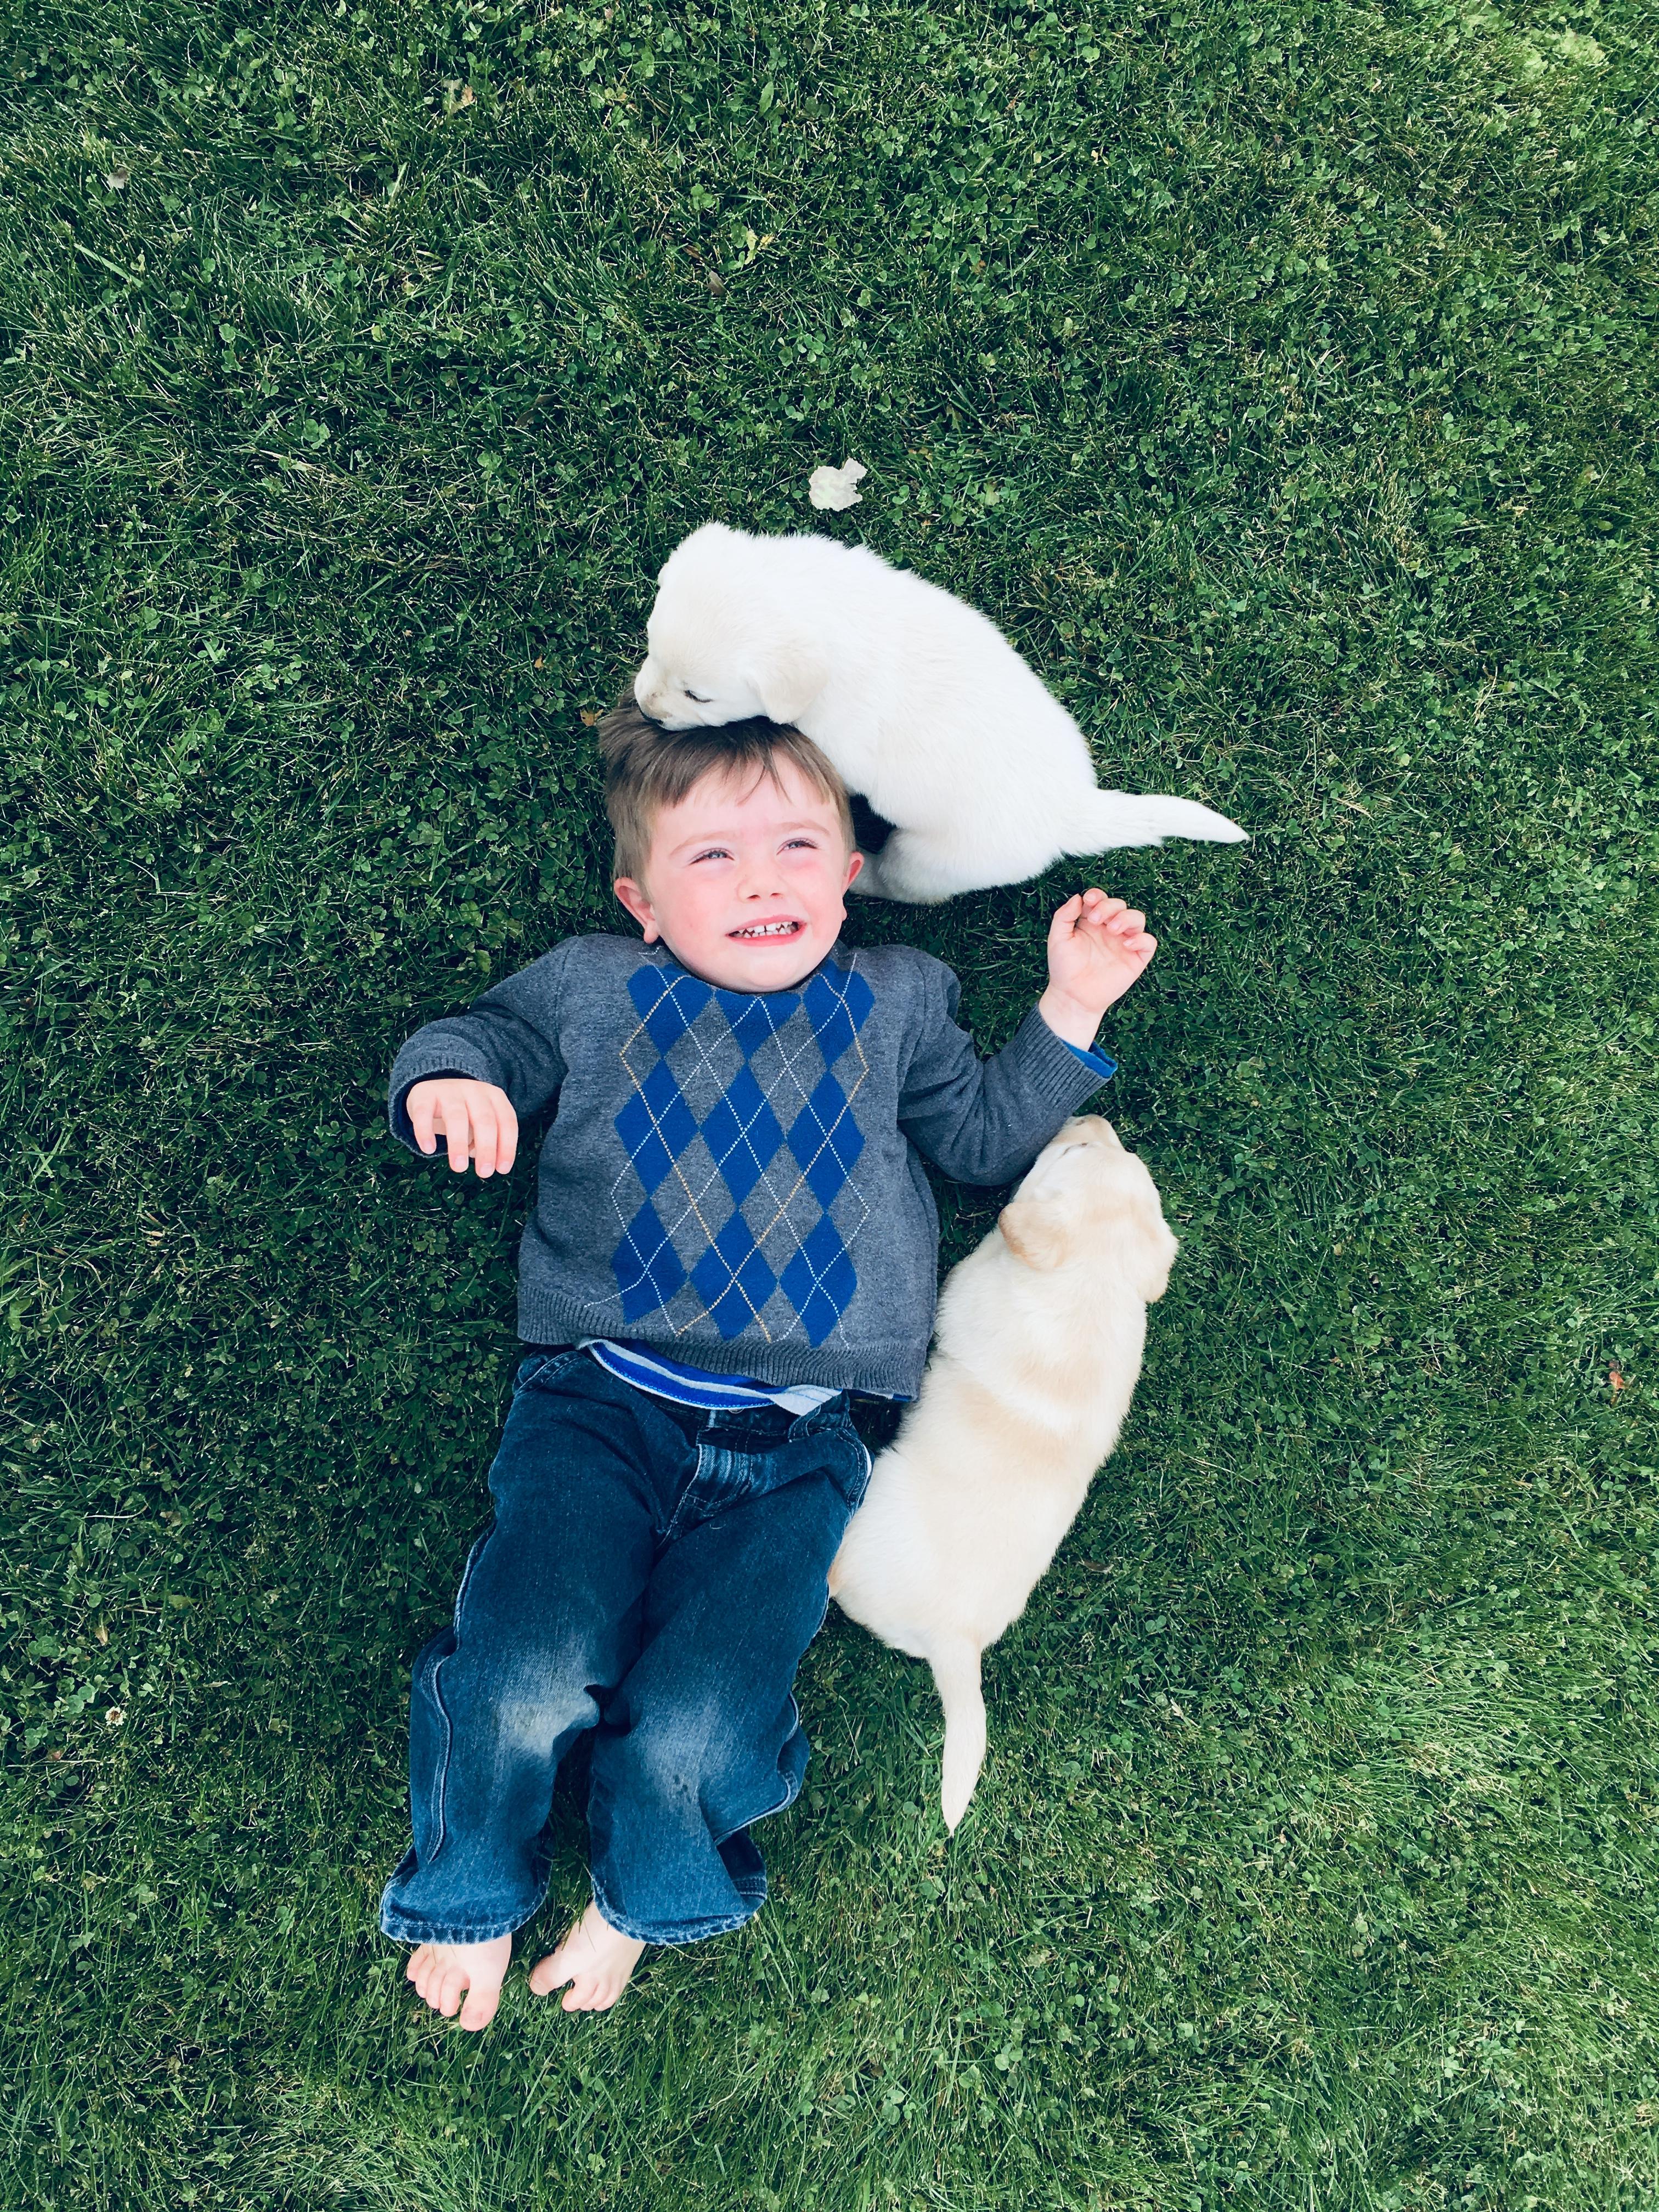 A child's joy!